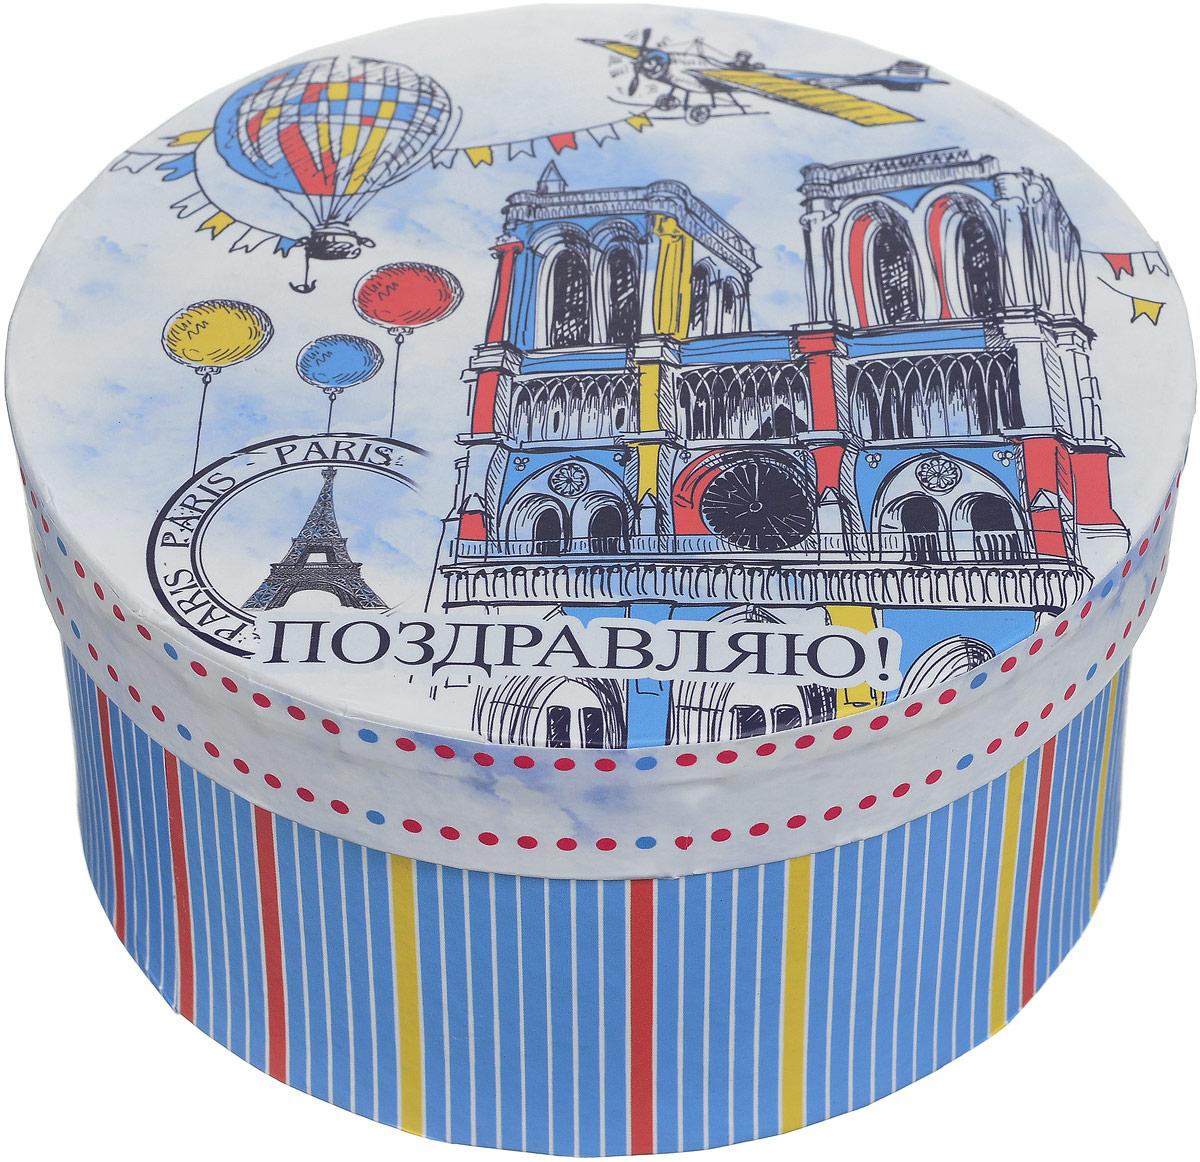 Коробка подарочная Magic Home Нотр-Дам, круглая, 14 х 14 х 7 см нотр дам сборная модель с историей